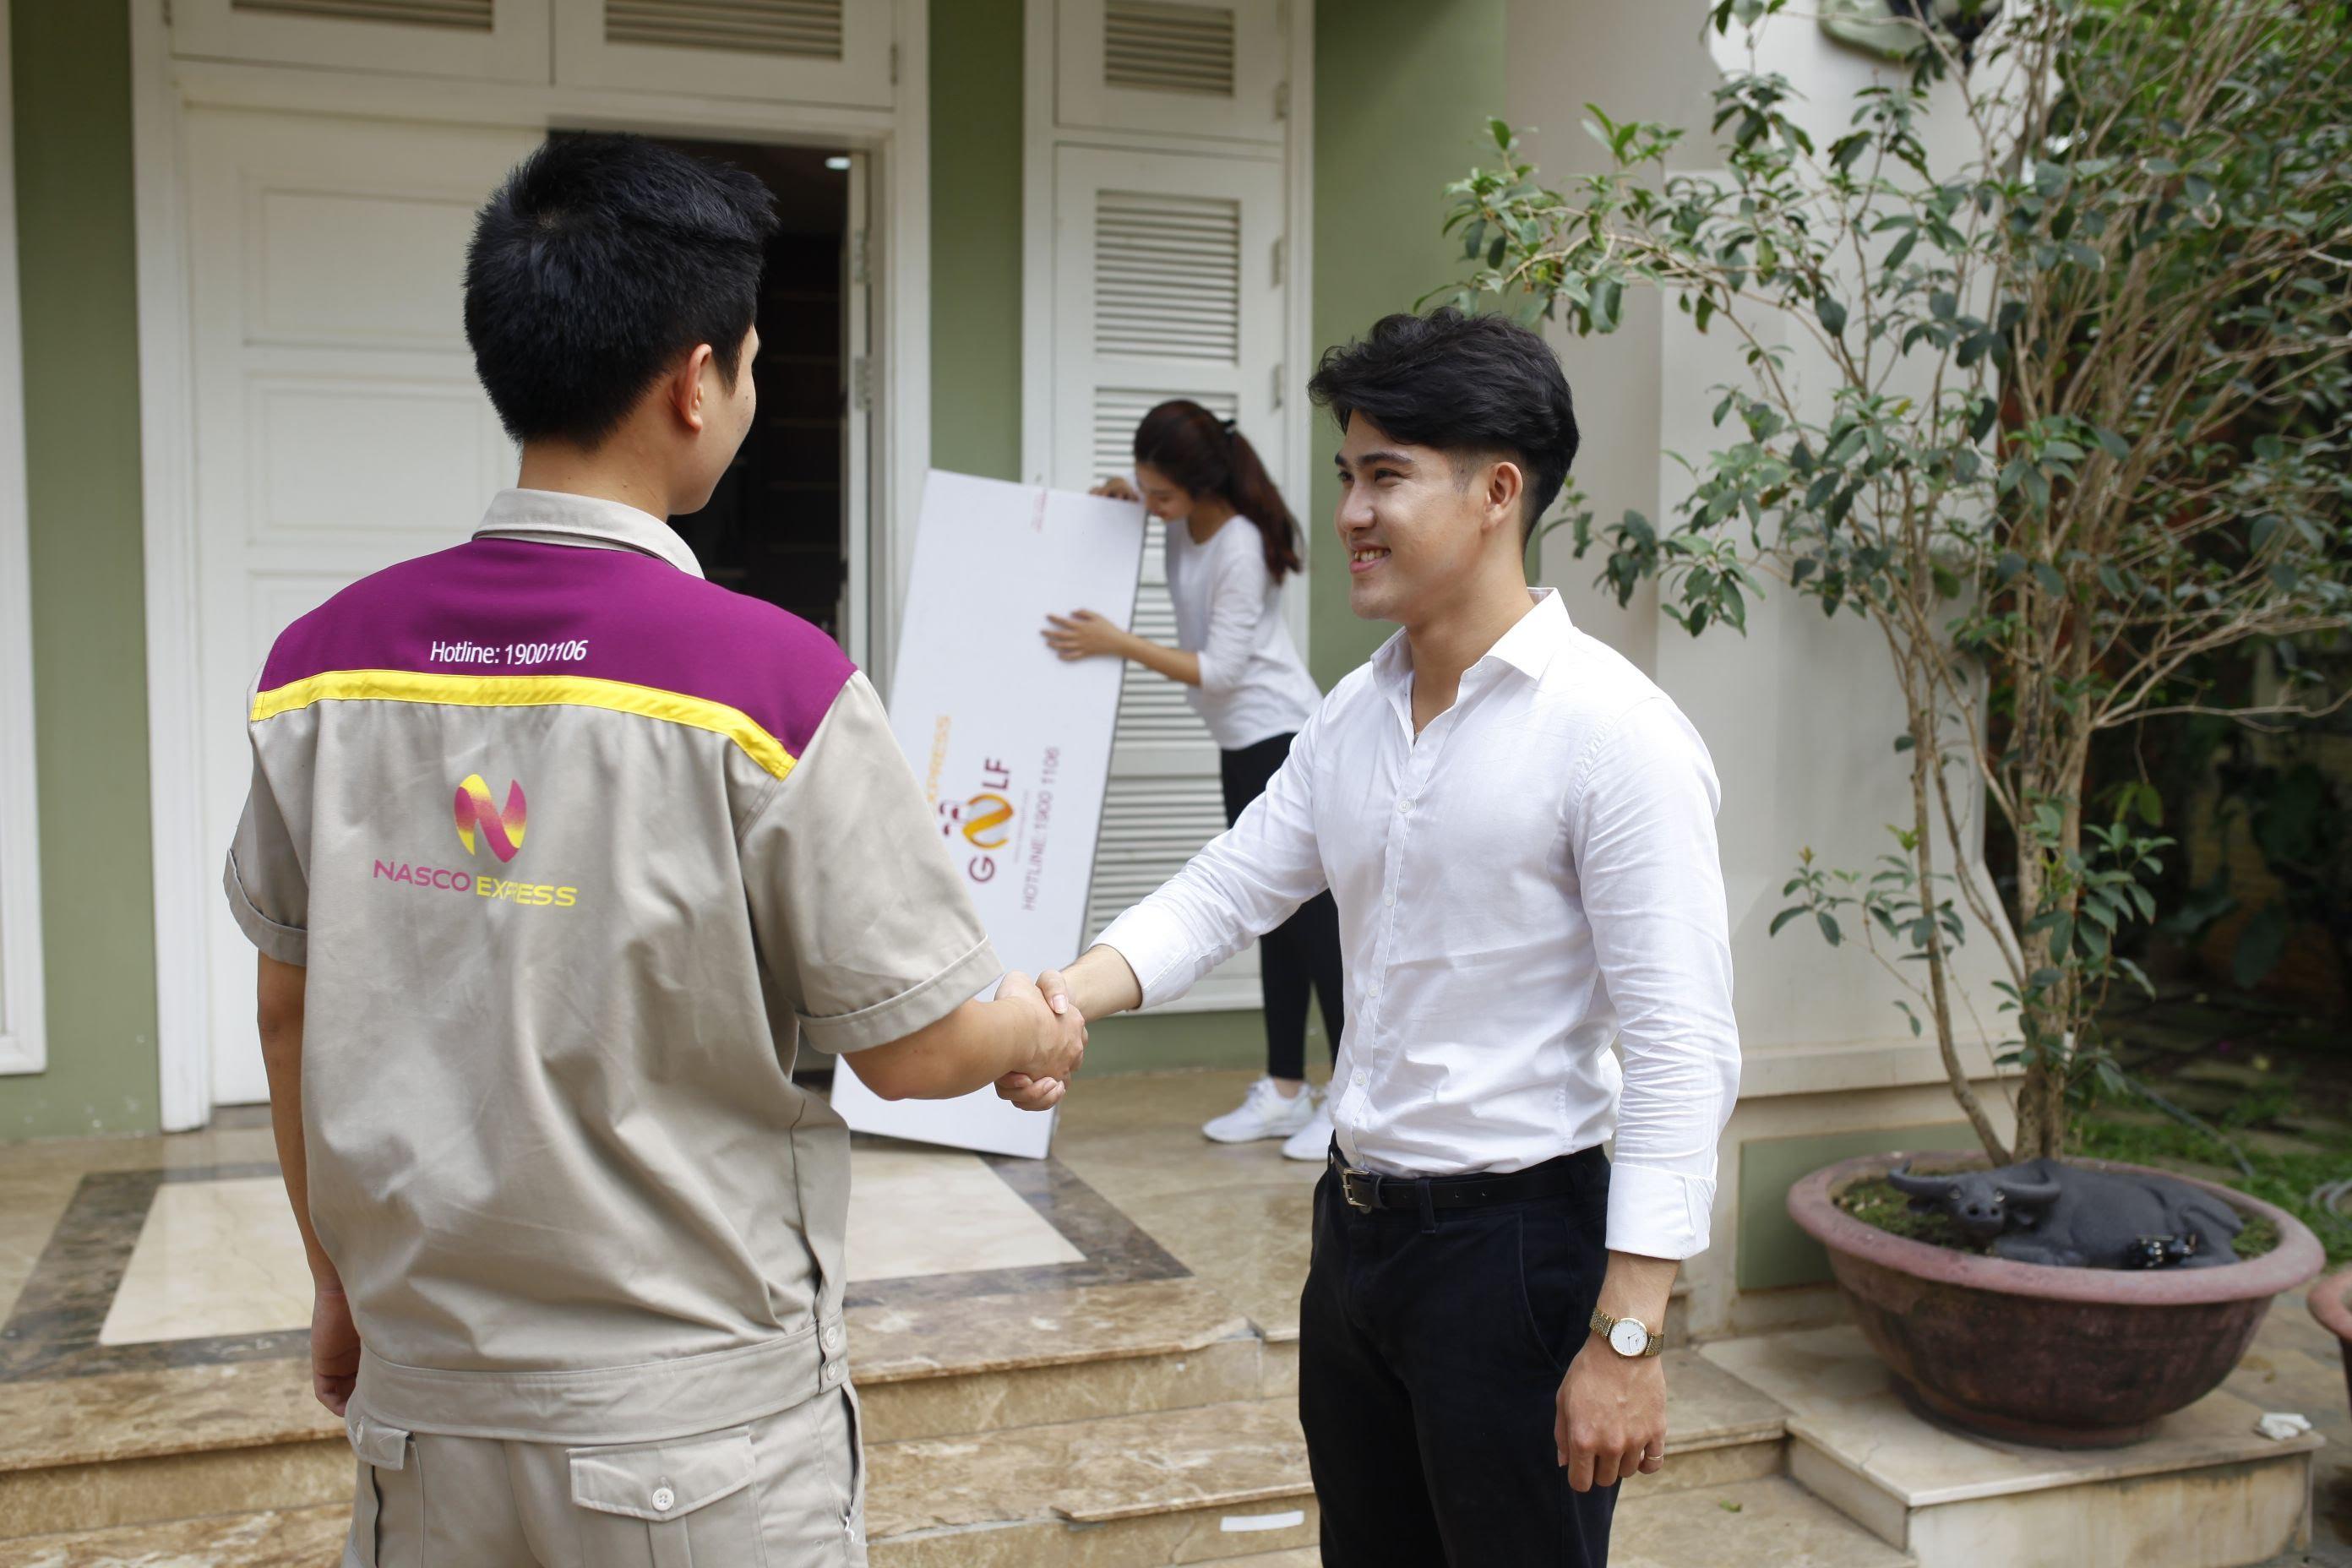 Áo bảo hộ đồng phục nhân viên Dịch Vụ Chuyển Phát Nhanh Nasco ở Hà Nội 15